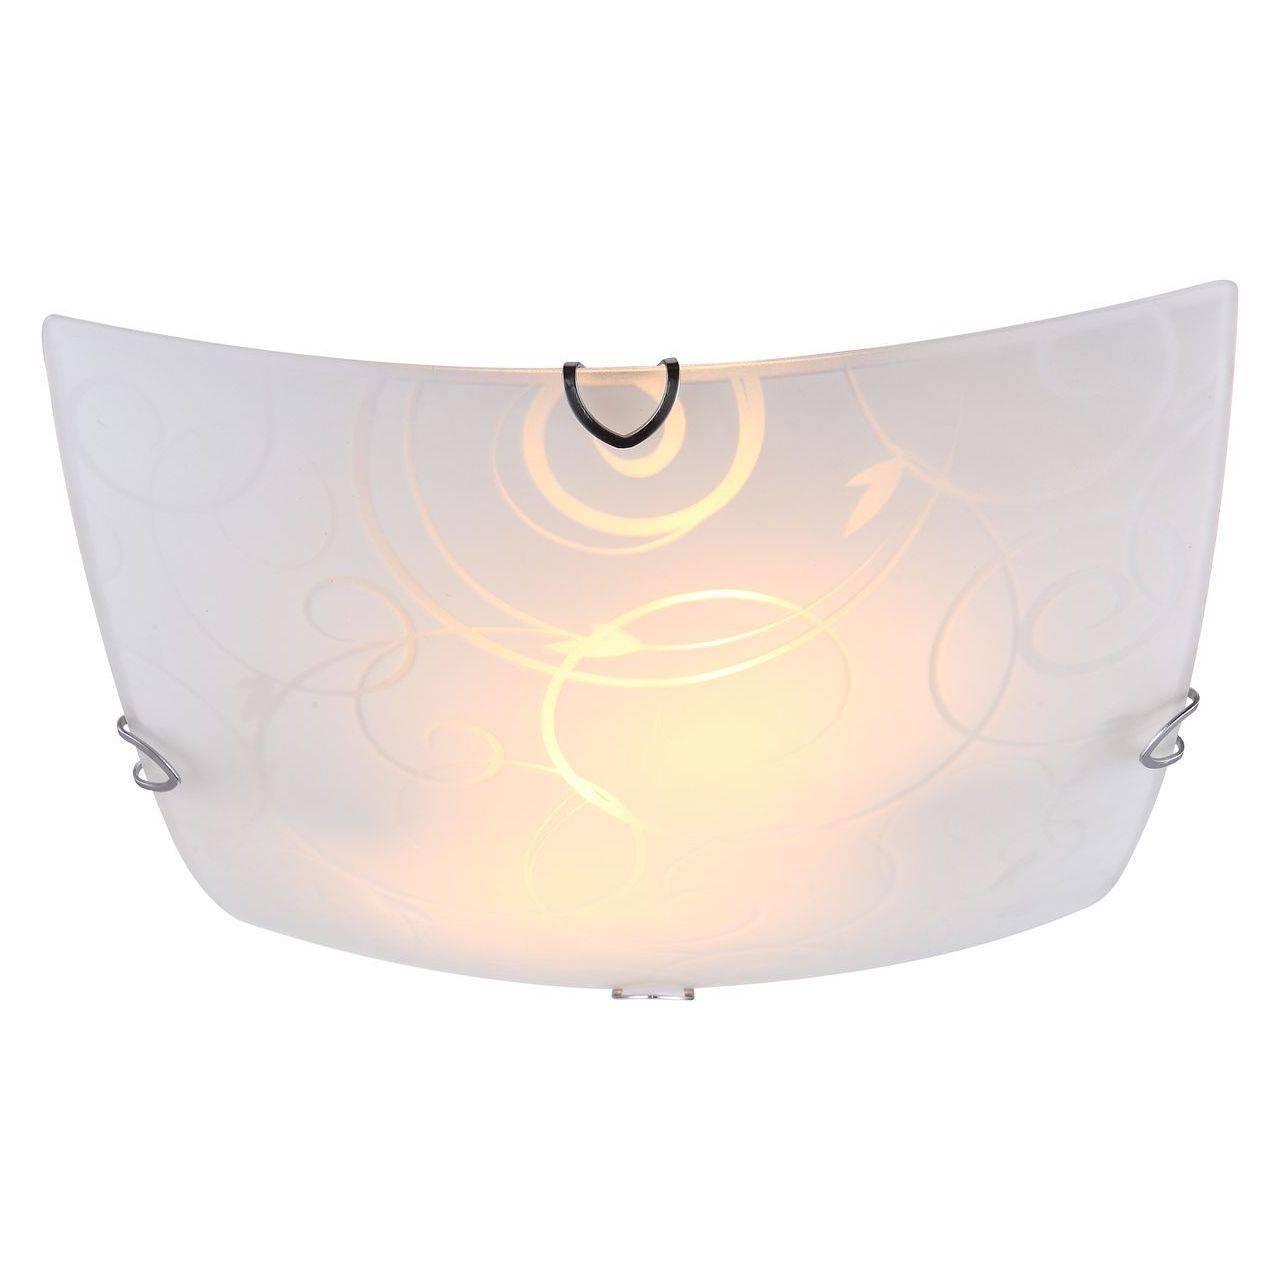 Потолочный светильник Globo Maverick 40491-2 настенный светильник globo maverick 40491 1w